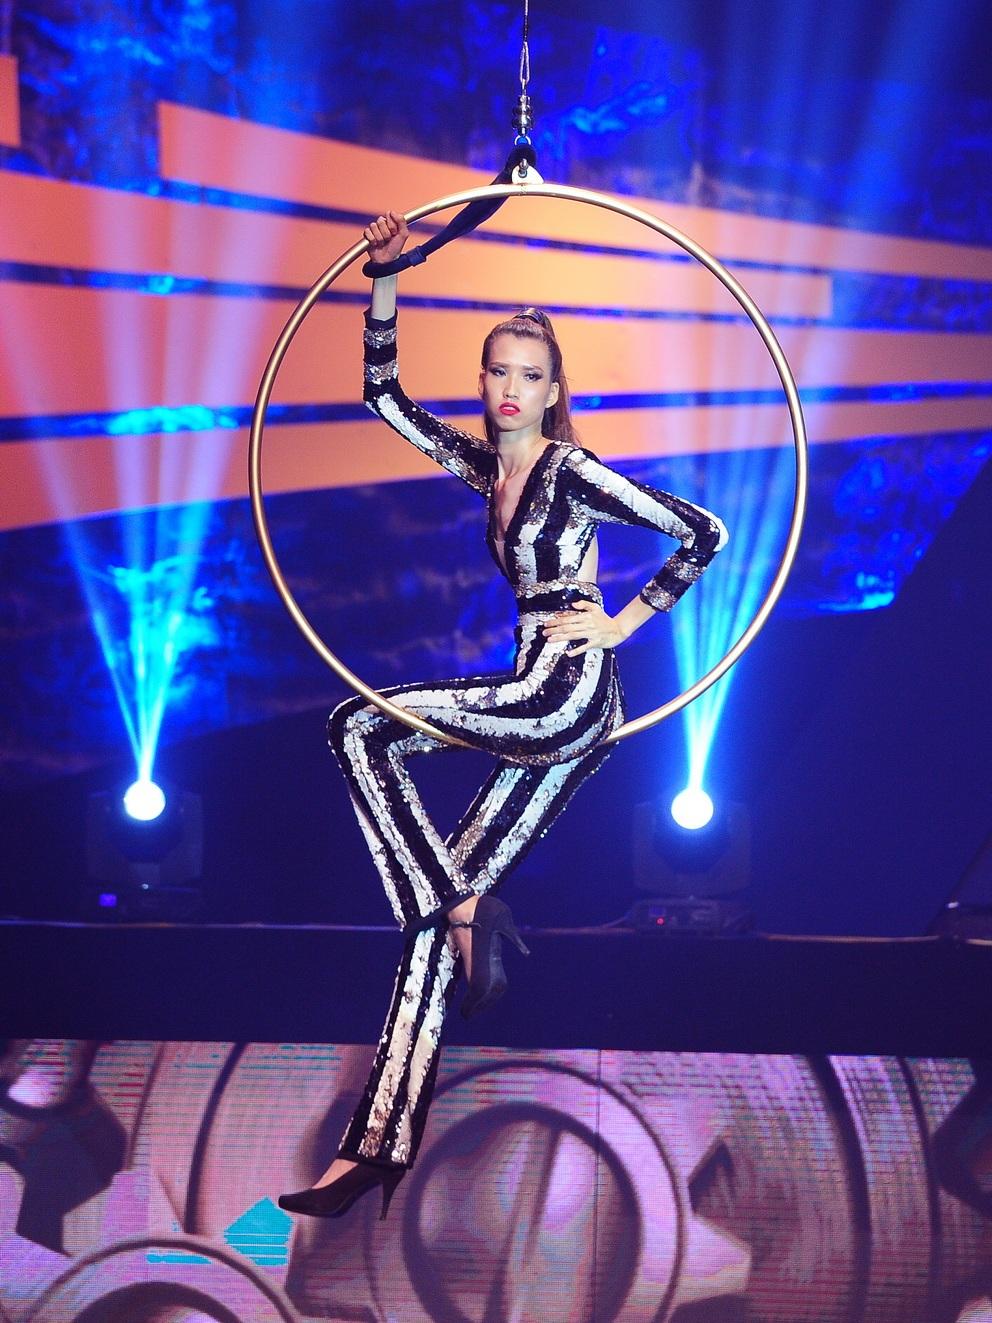 Những khoảnh khắc đẹp đêm chung kết Vietnam's Next Top Model - 15